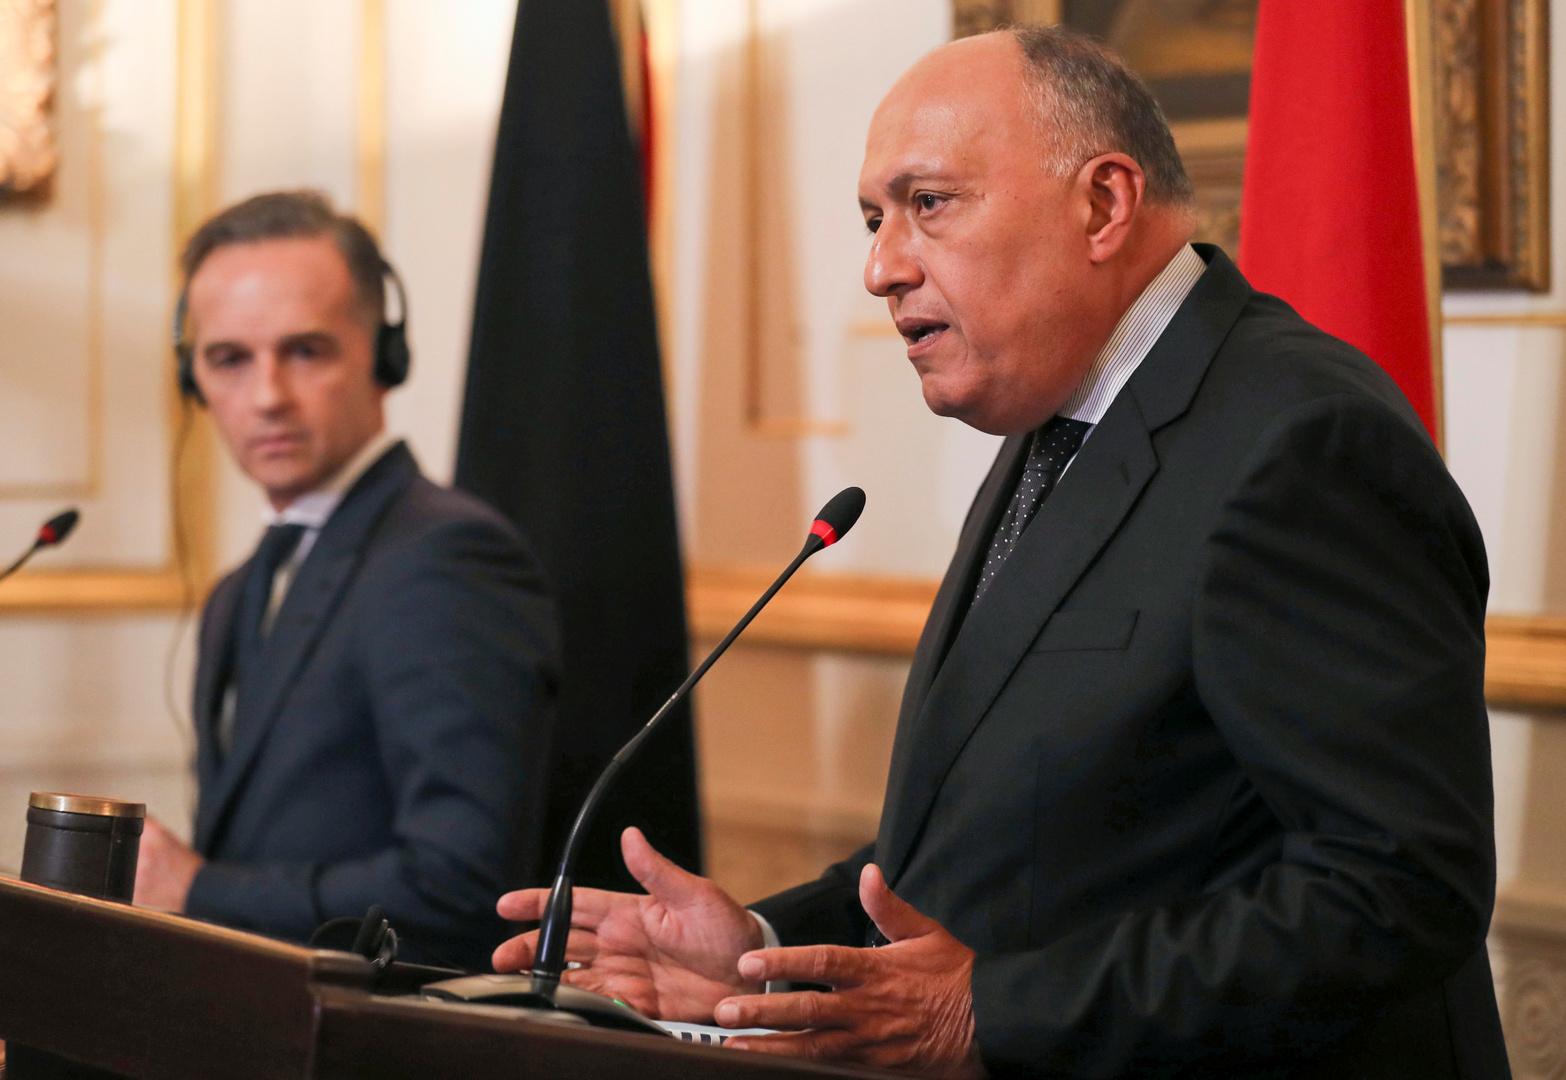 وزير الخارجية المصري ردا على تركيا: مصر لم تفرط في حبة رمل و لن تفرط في نقطة من مياهها الإقليمية